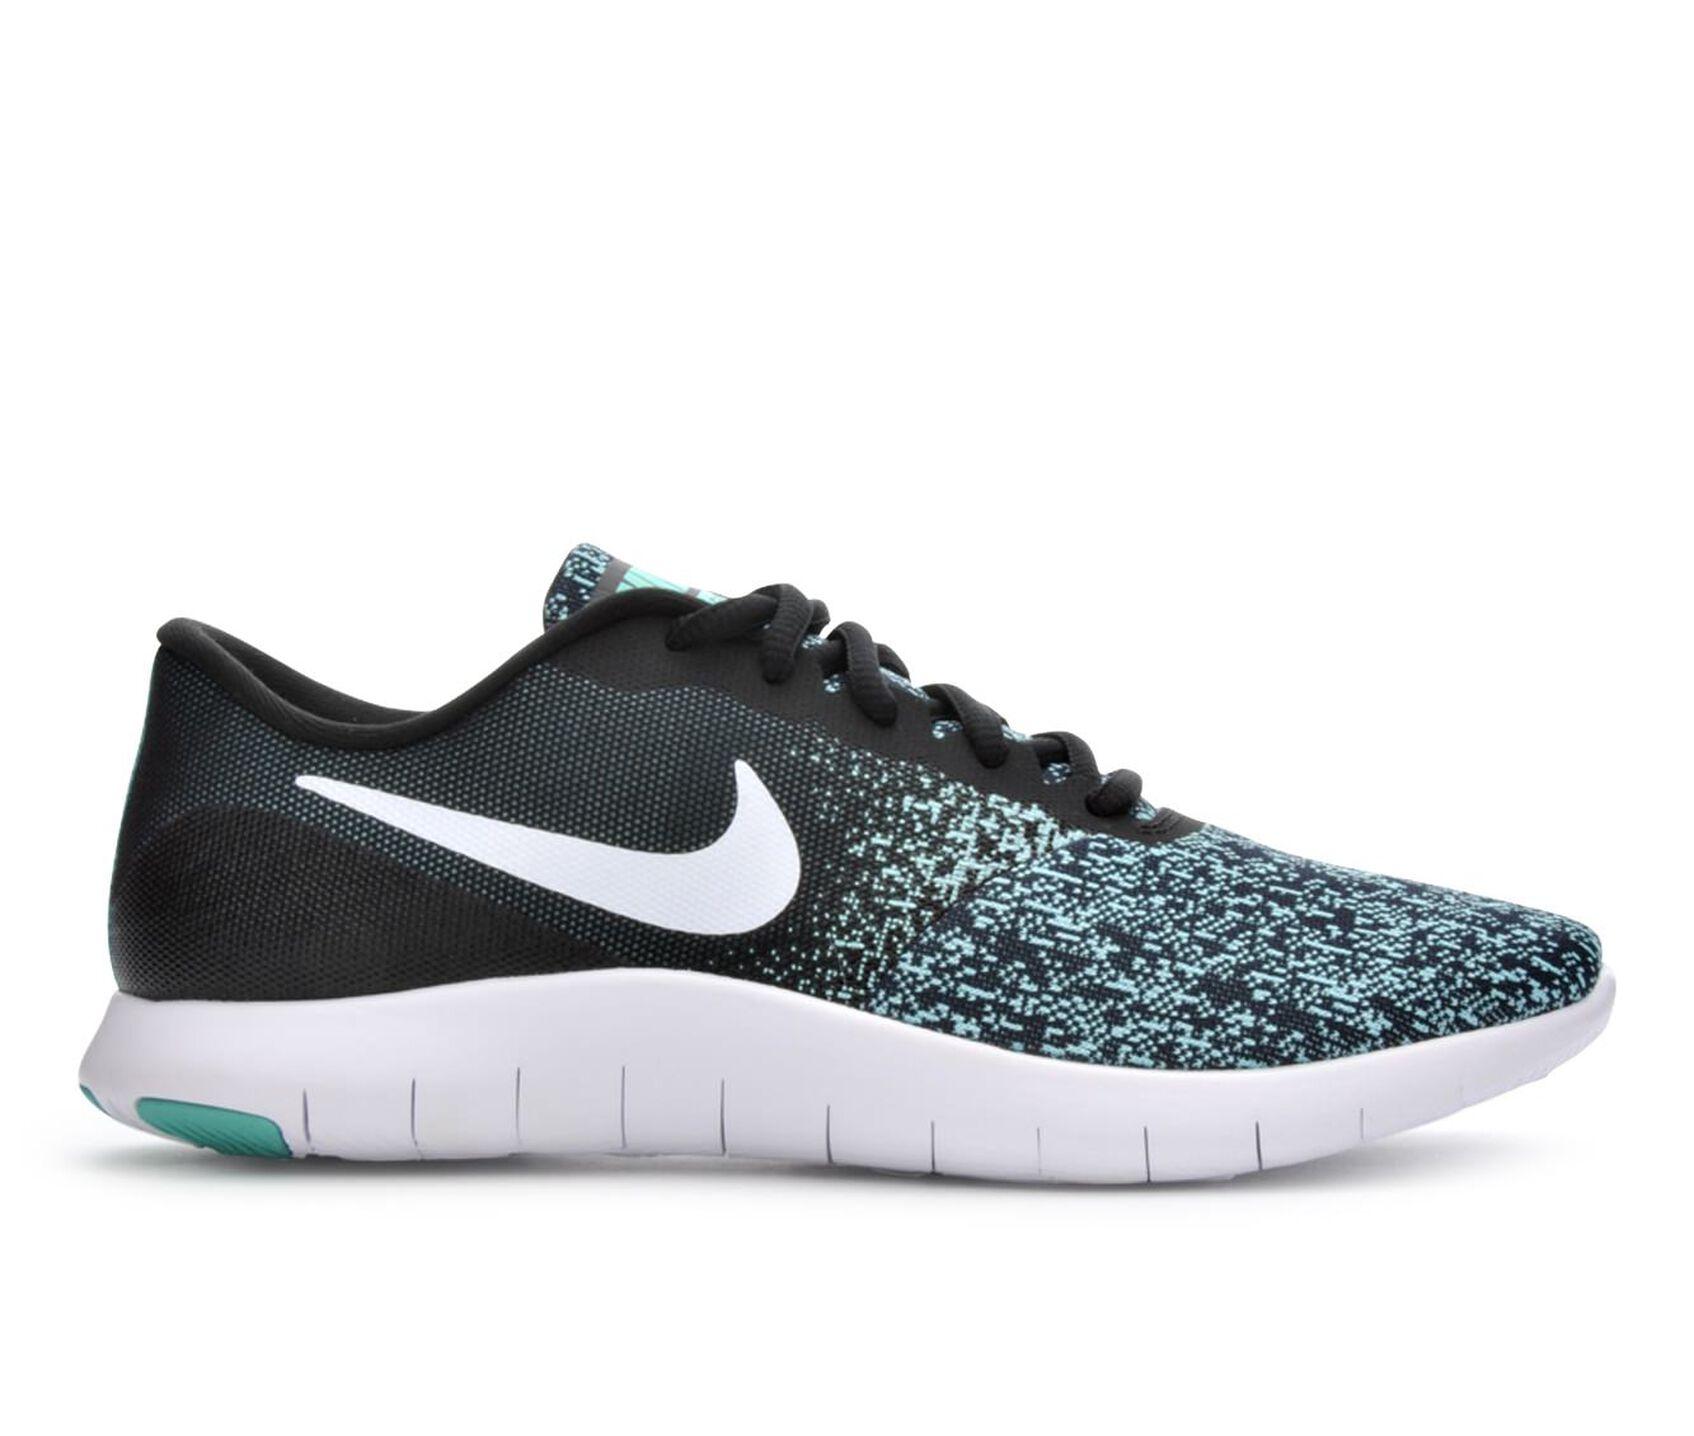 dda50b14721e4 Images. Women  39 s Nike Flex Contact Running Shoes